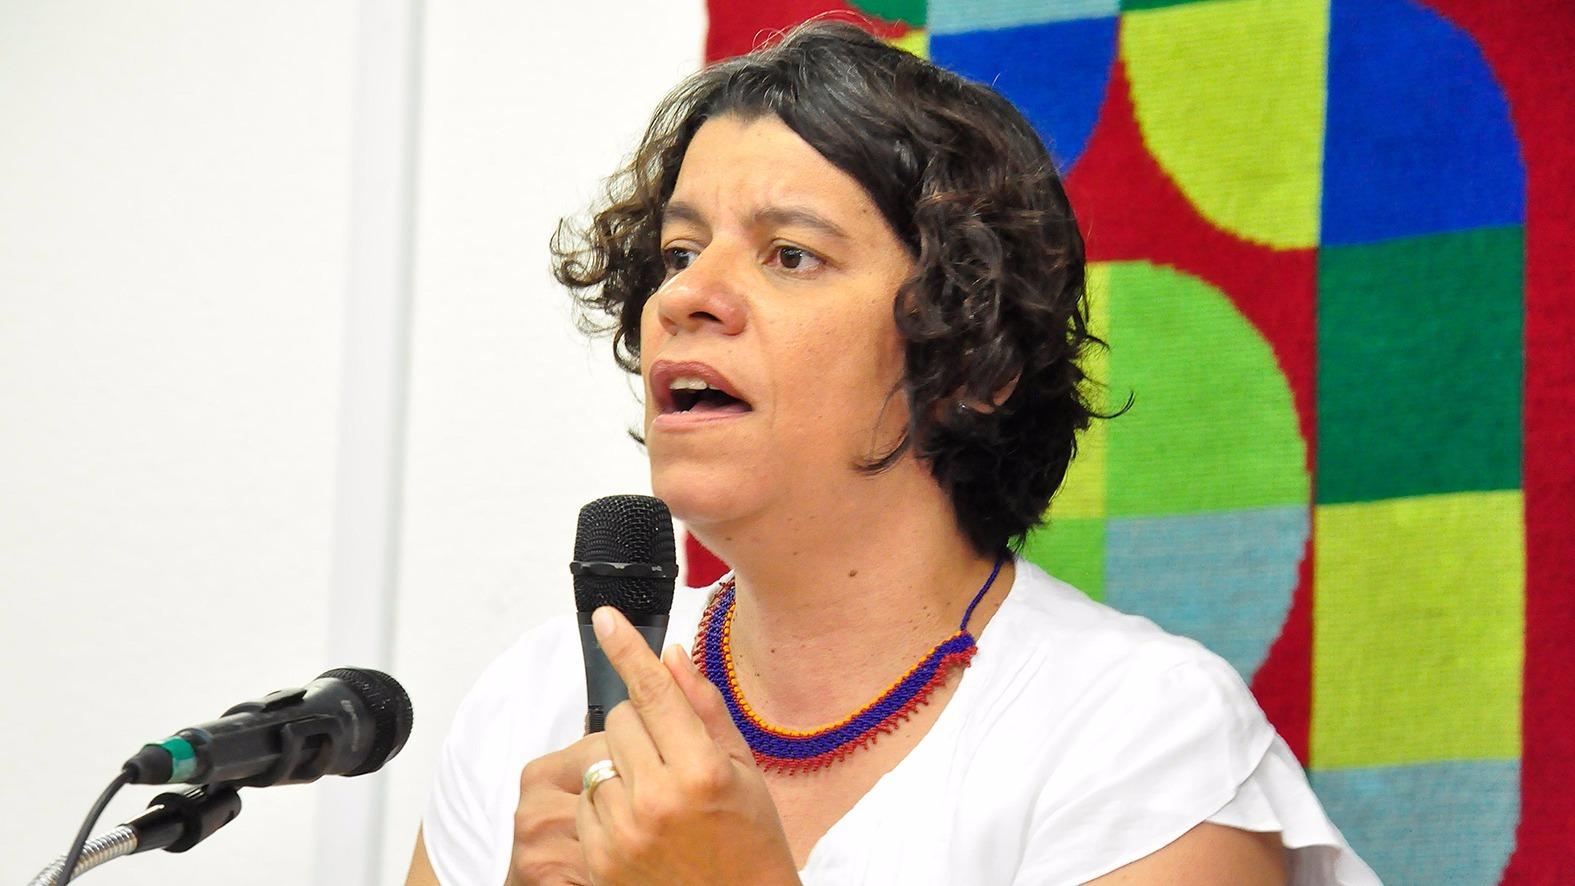 VÍDEO: Perturbada com Operação Calvário, Estela Bezerra agride e desrespeita jornalista